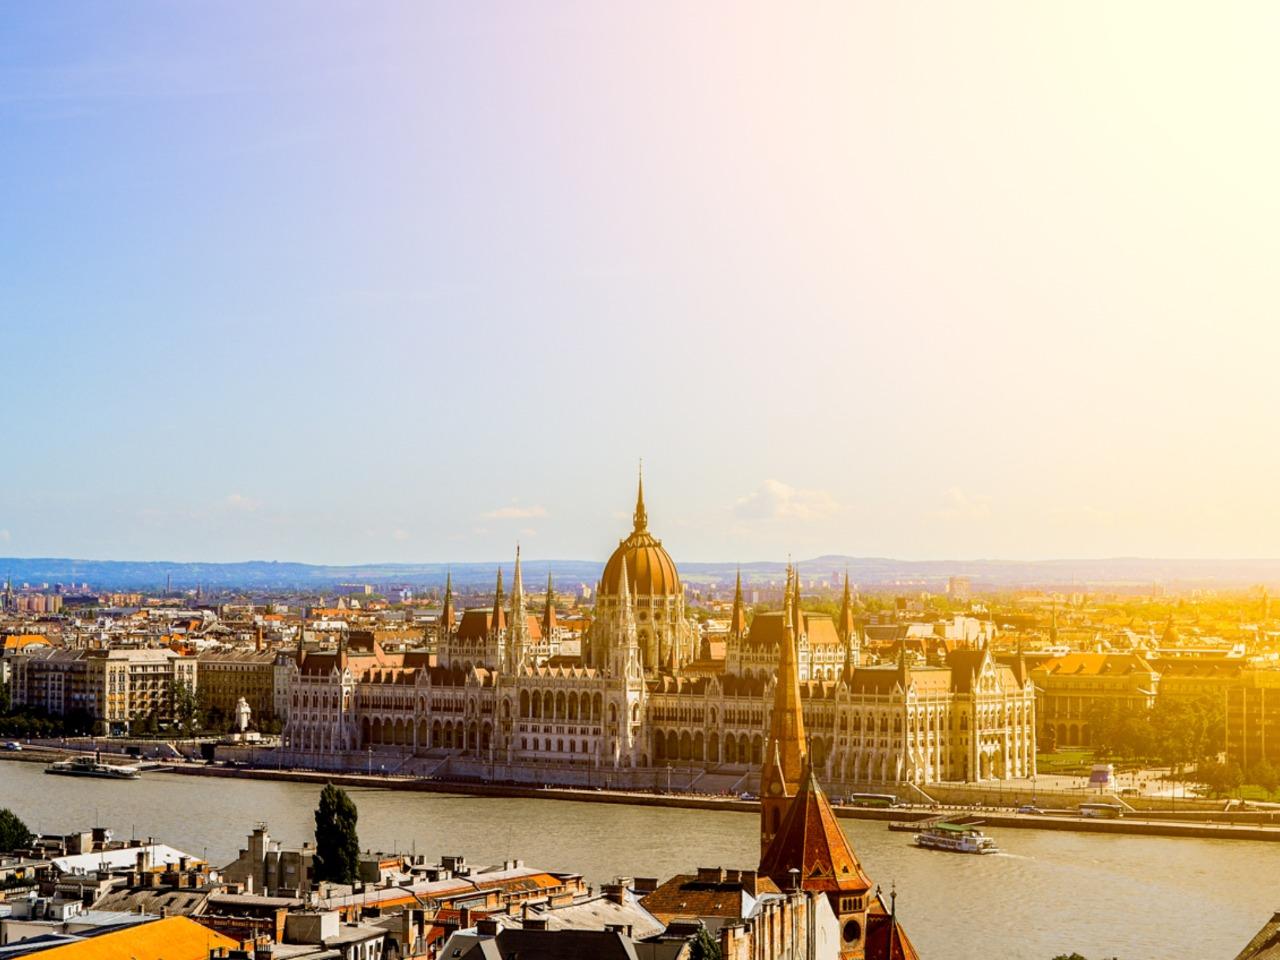 """Онлайн-экскурсия """"Буду в Буде!"""" - индивидуальная экскурсия в Будапеште от опытного гида"""